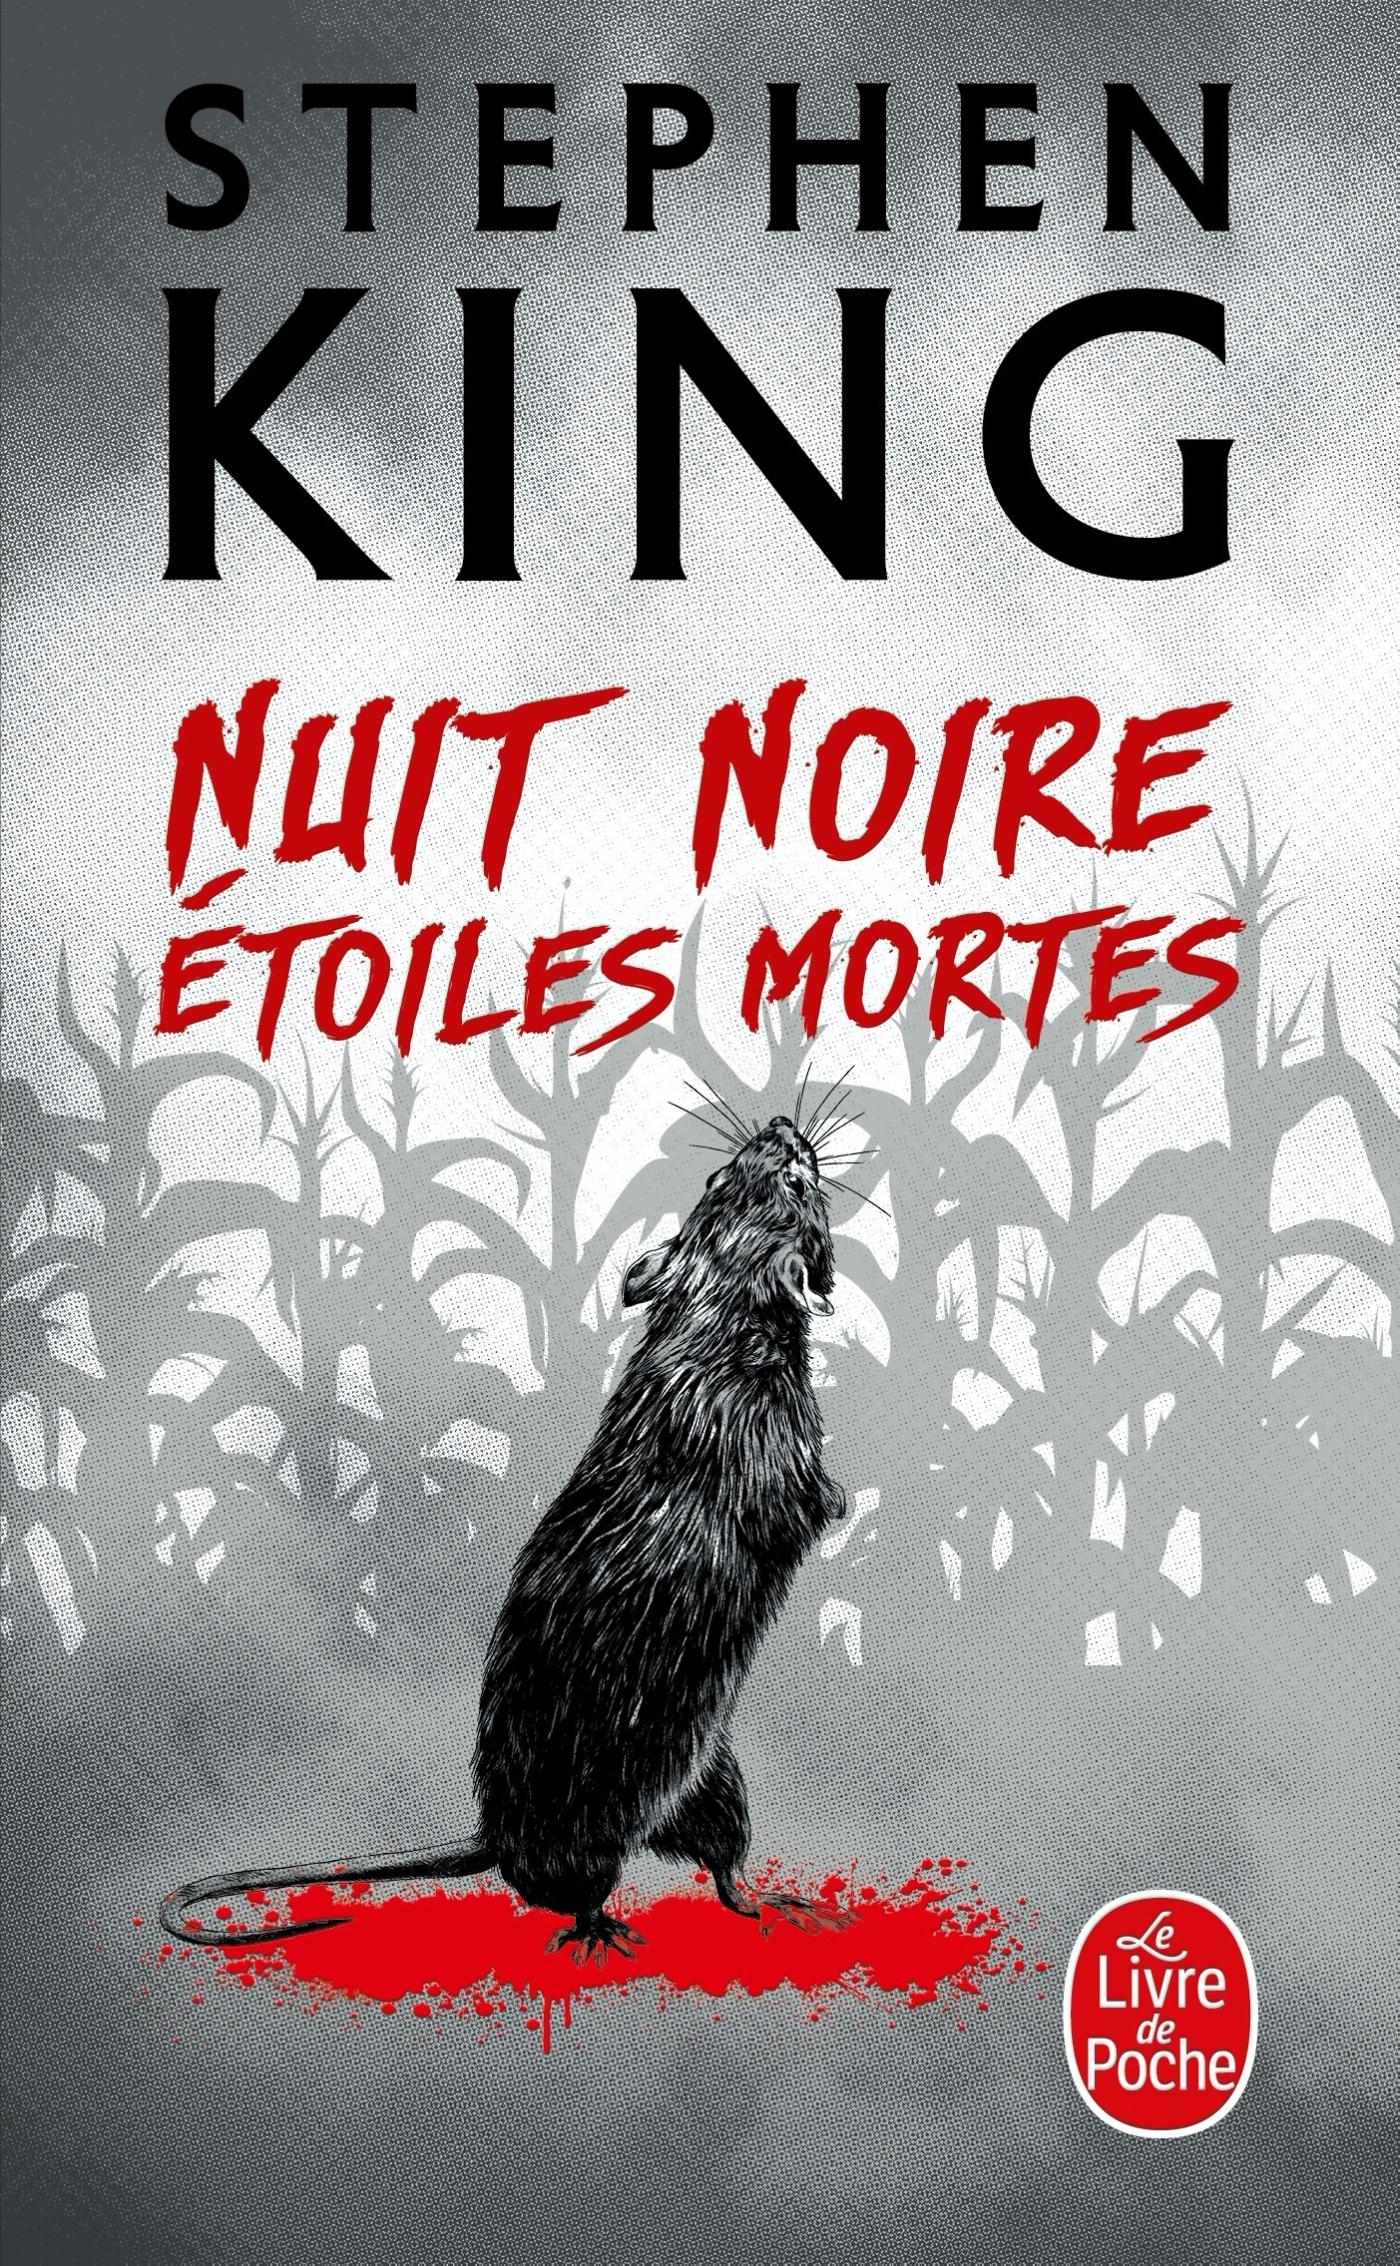 NUIT NOIRE, ETOILES MORTES - NOUVELLE EDITION